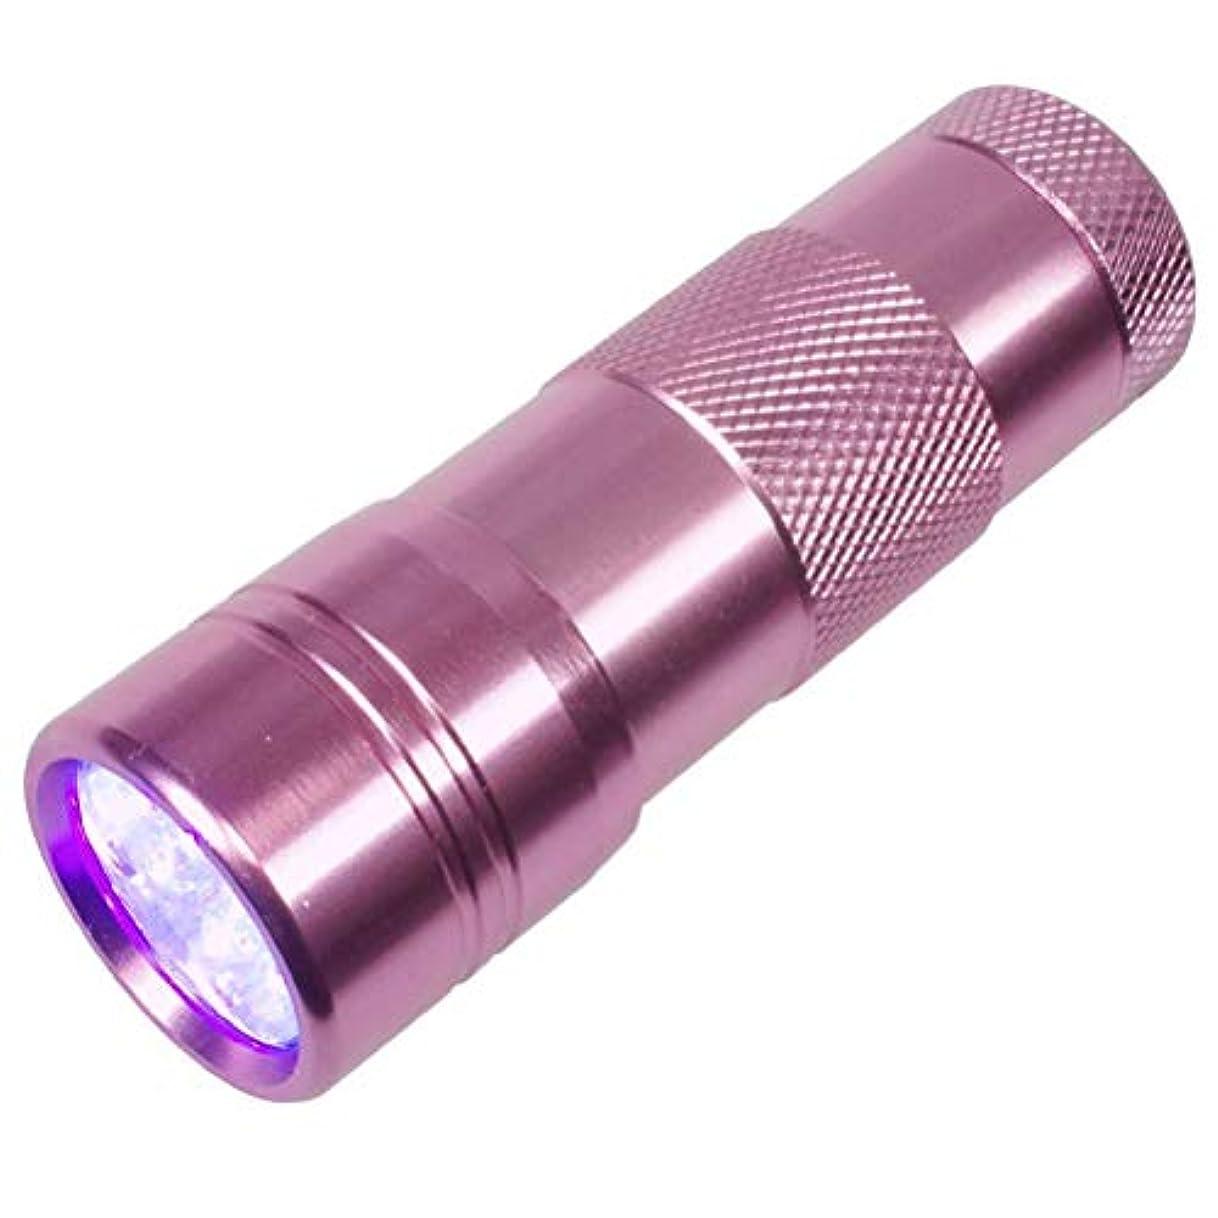 重力レイトーンジェルネイル用UVライト ペン型LEDライト ミニサイズ 携帯用ハンディライト